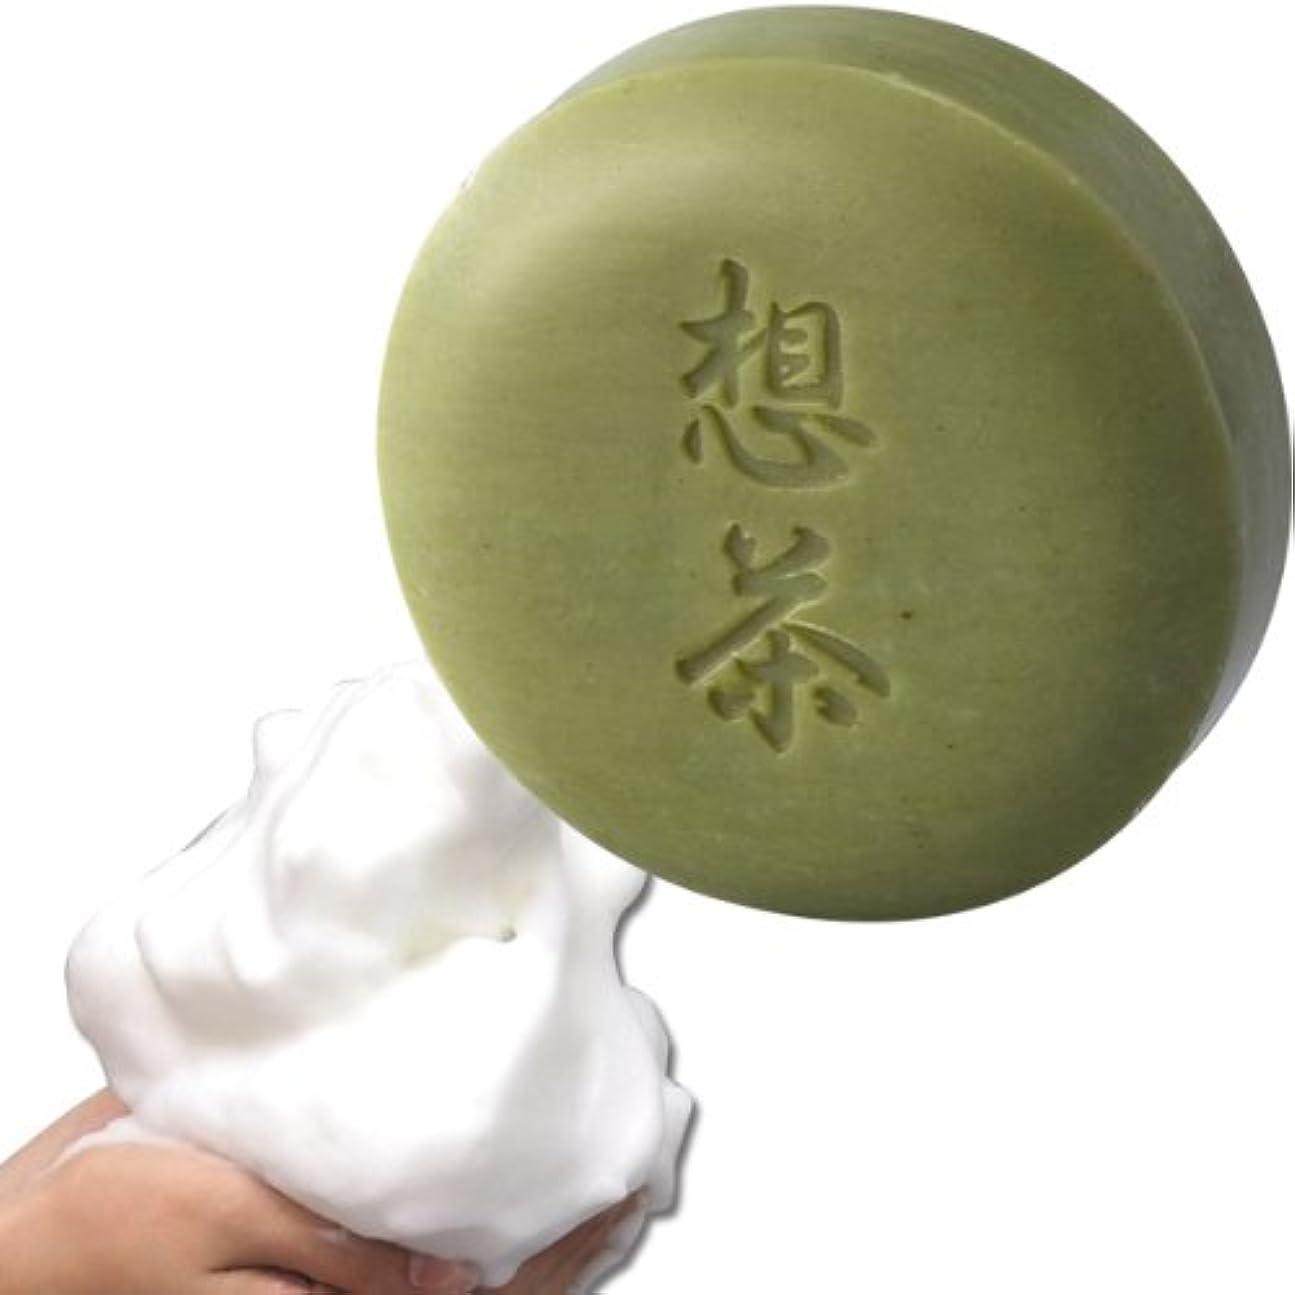 用量ジャンクションバタフライ想茶石鹸 100g(お茶屋さんが作ったお茶石鹸)